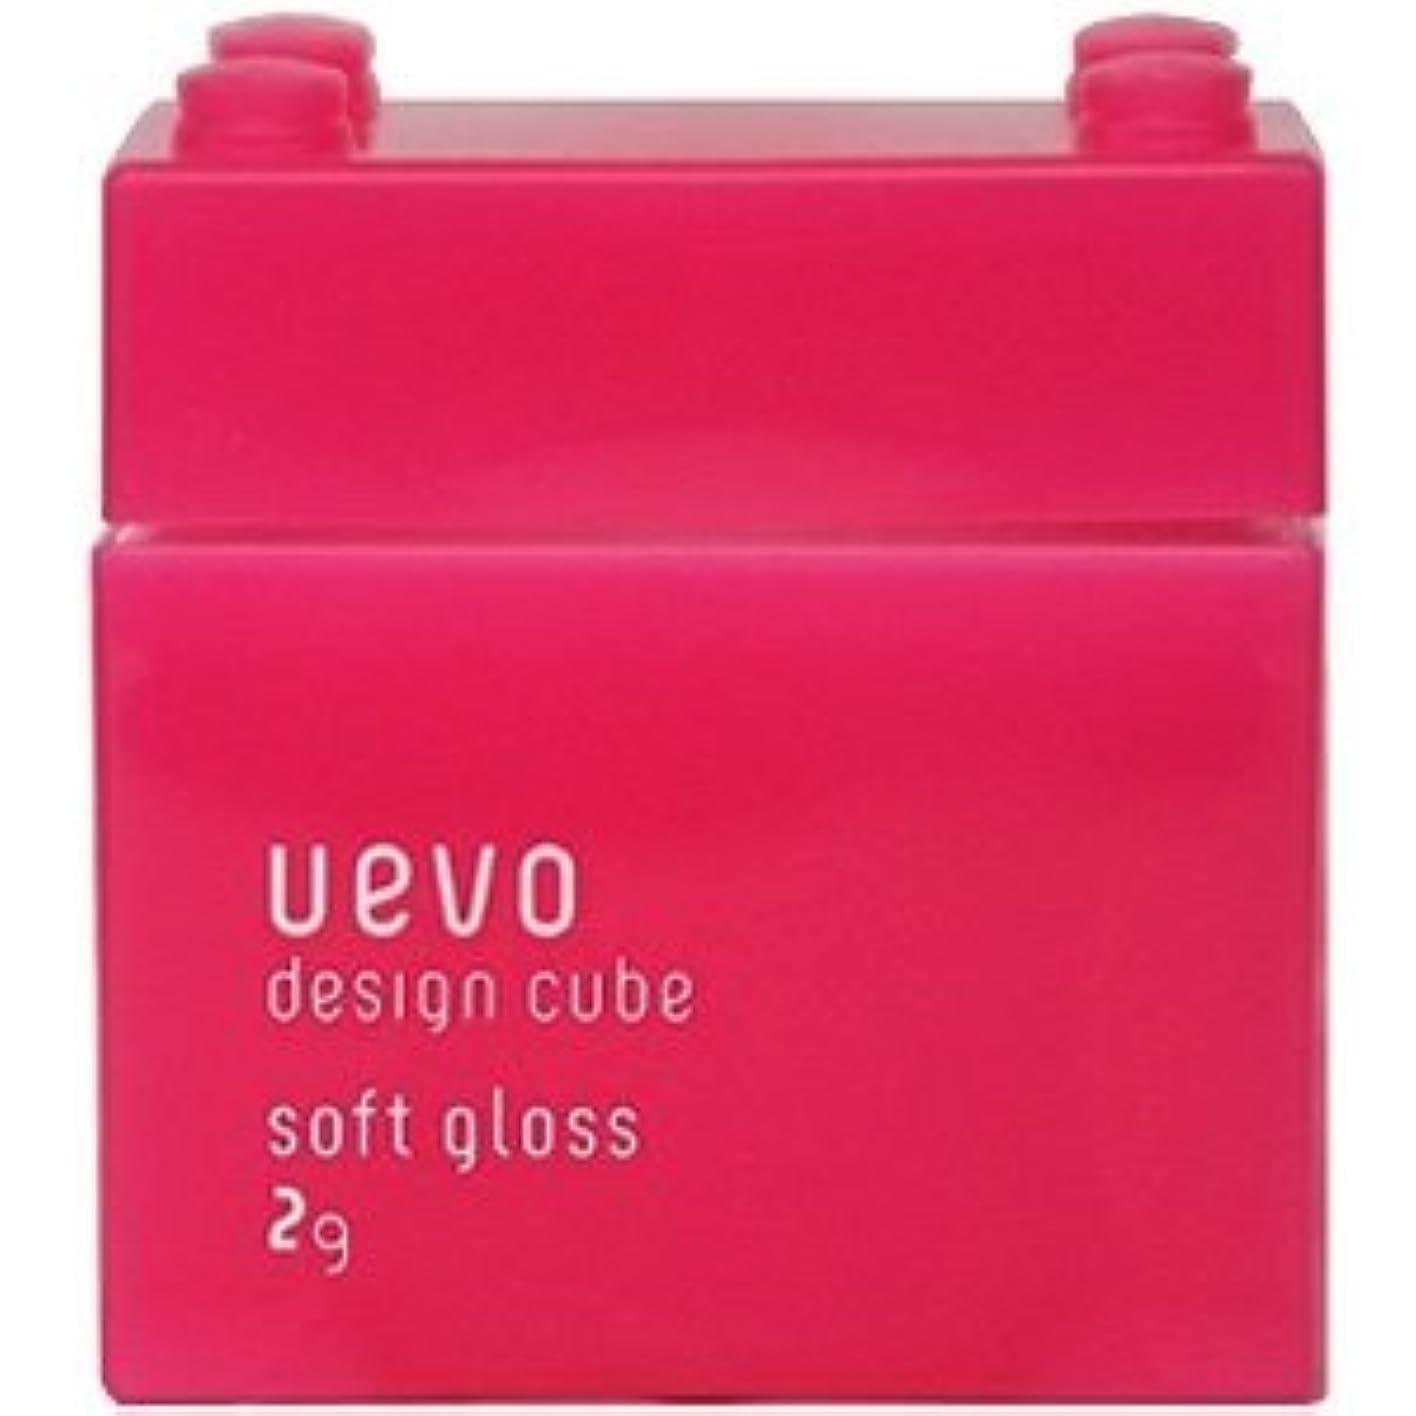 心からユーモア生産性【X2個セット】 デミ ウェーボ デザインキューブ ソフトグロス 80g soft gloss DEMI uevo design cube